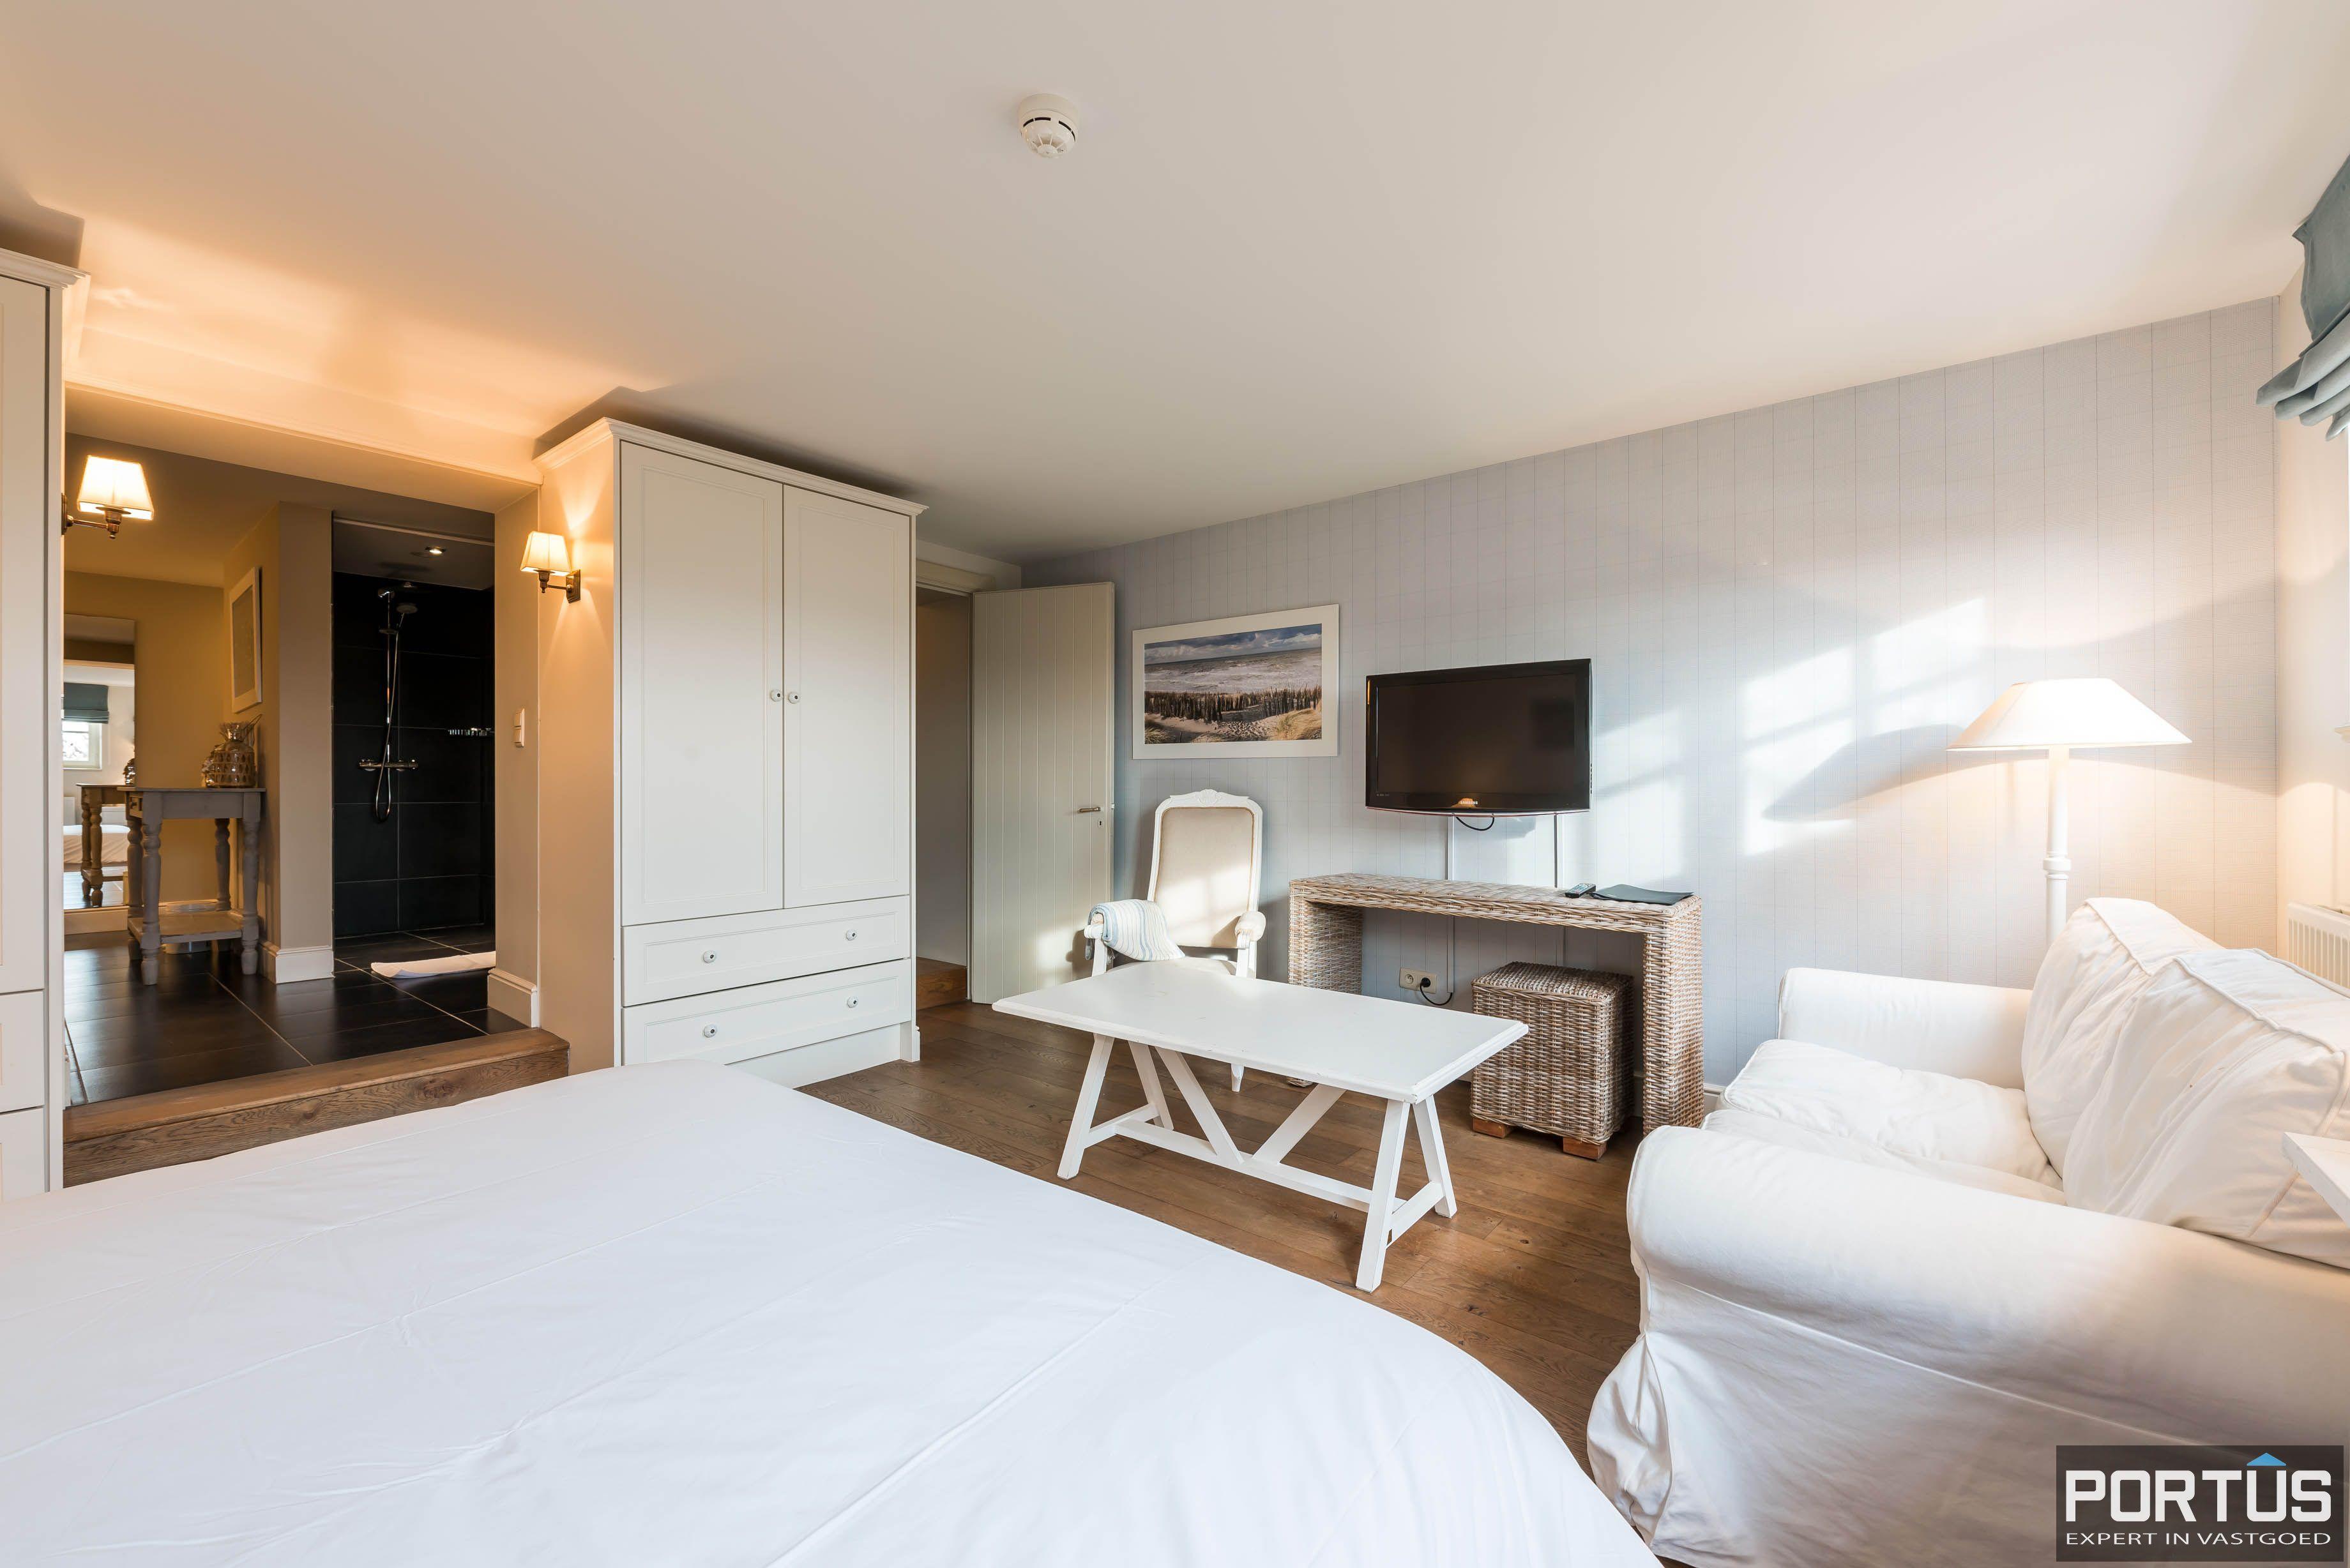 Villa/B&B te koop Westende met 6 slaapkamers - 5459